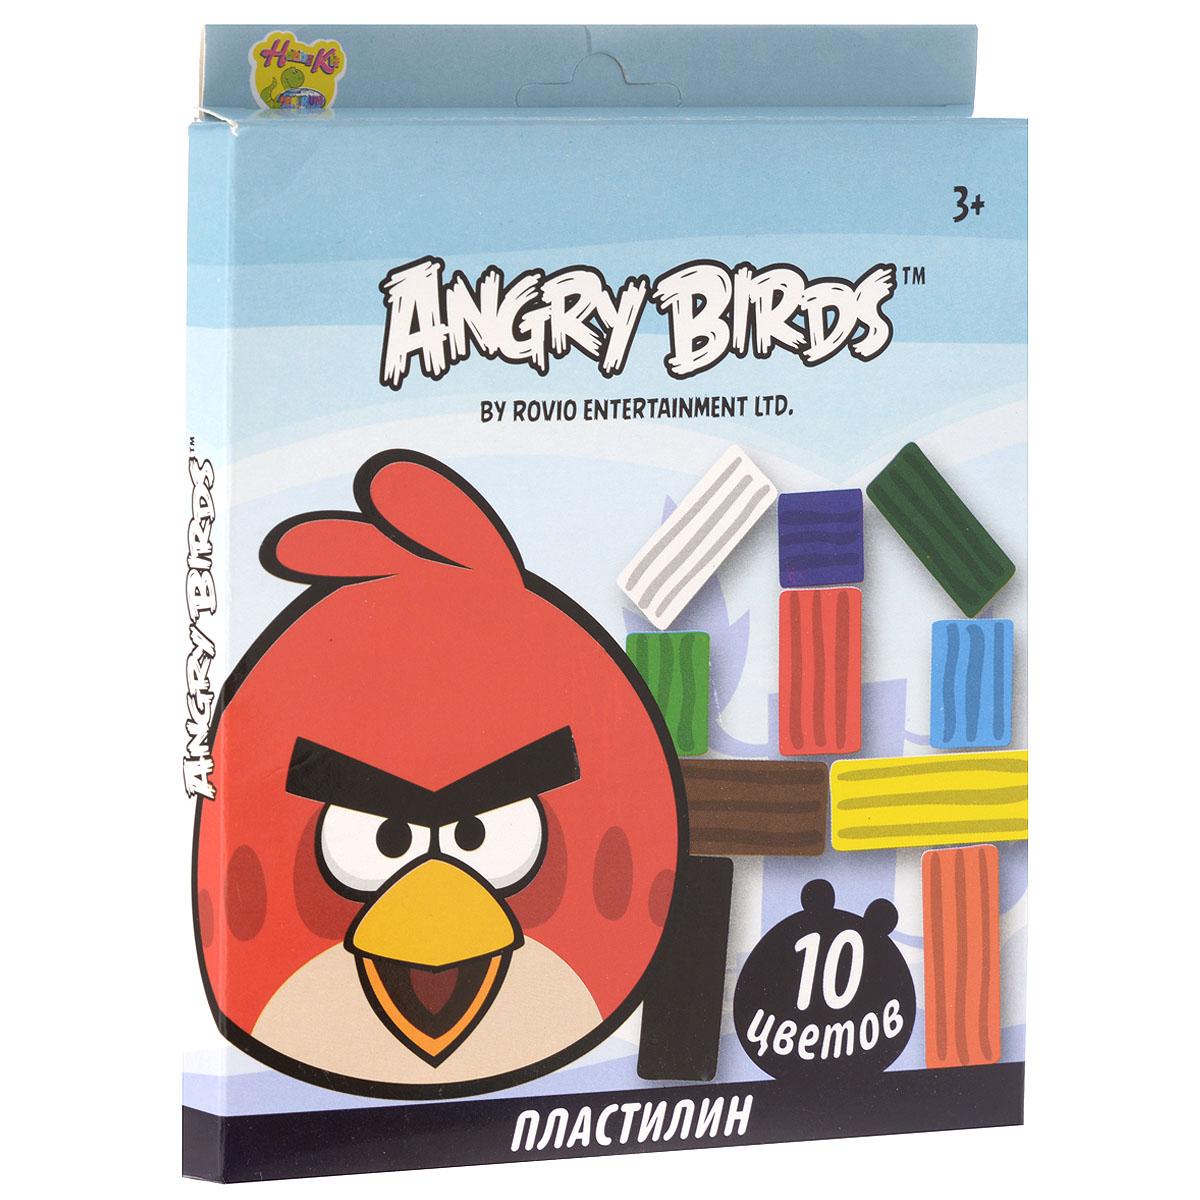 Пластилин Angry Birds, 10 цветов84440Пластилин Angry Birds - это отличная возможность познакомить ребенка с еще одним из видов изобразительного творчества, в котором создаются объемные образы и целые композиции.В набор входит пластилин 10 ярких цветов (красный, темно-зеленый, черный, оранжевый, светло-зеленый, белый, желтый, синий, коричневый, голубой), а также пластиковый стек для нарезания пластилина.Цвета пластилина легко смешиваются между собой, и таким образом можно получить новые оттенки. Пластилин имеет яркие, красочные цвета и не липнет к рукам.Техника лепки богата и разнообразна, но при этом доступна даже маленьким детям. Занятия лепкой не только увлекательны, но и полезны для ребенка. Они способствуют развитию творческого и пространственного мышления, восприятия формы, фактуры, цвета и веса, развивают воображение и мелкую моторику.